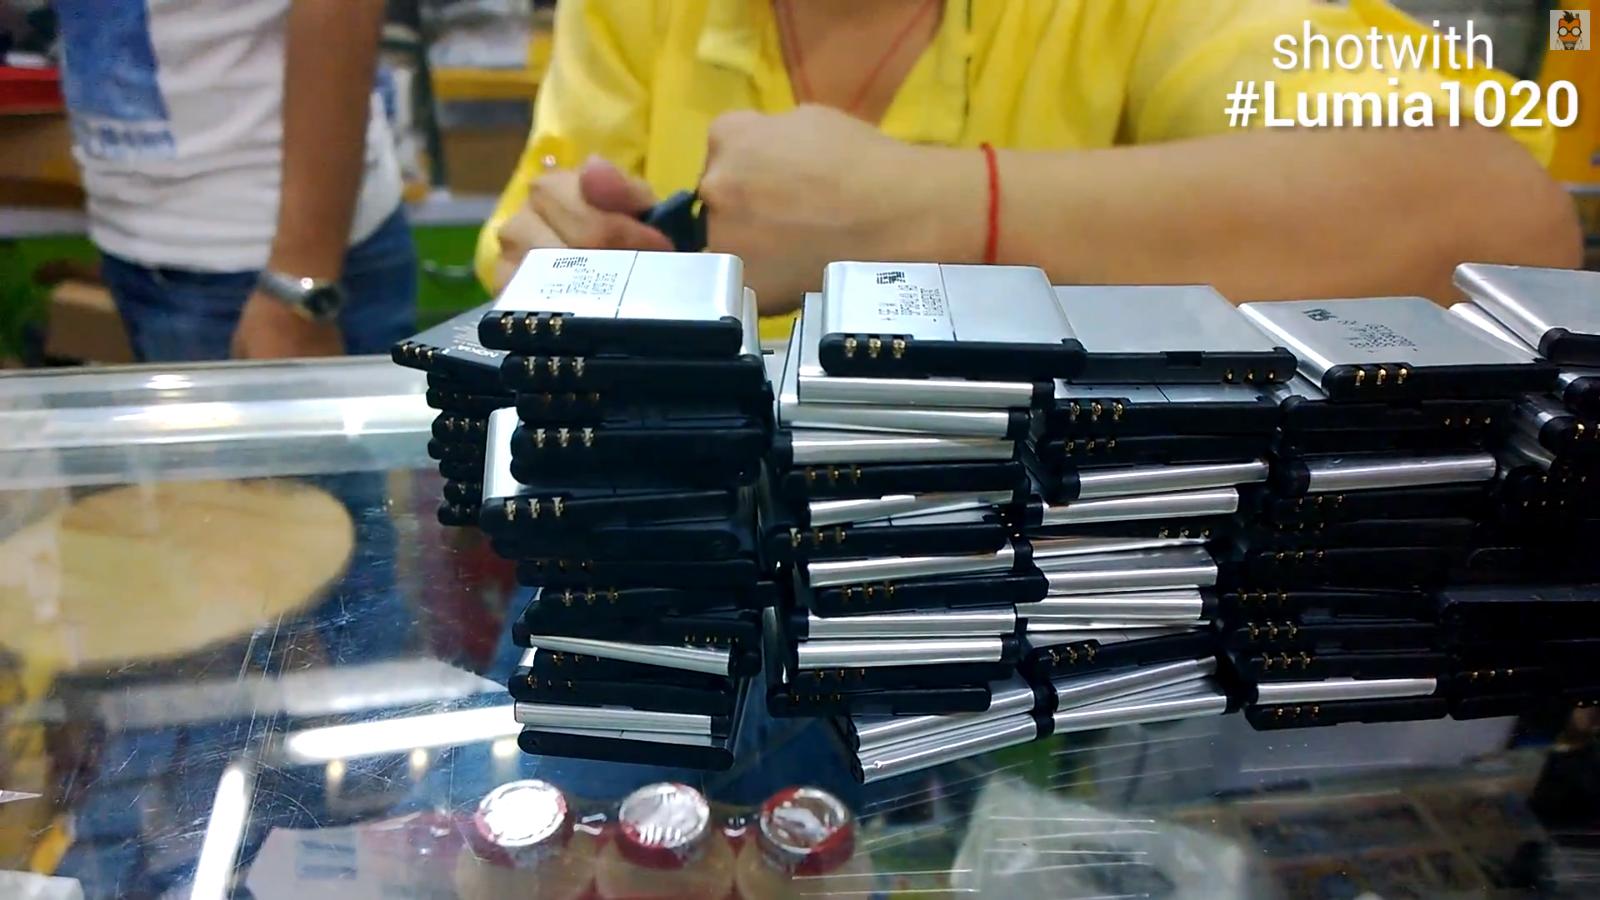 stapelweise gefälschte Akkus in einer Mall in Shenzhen